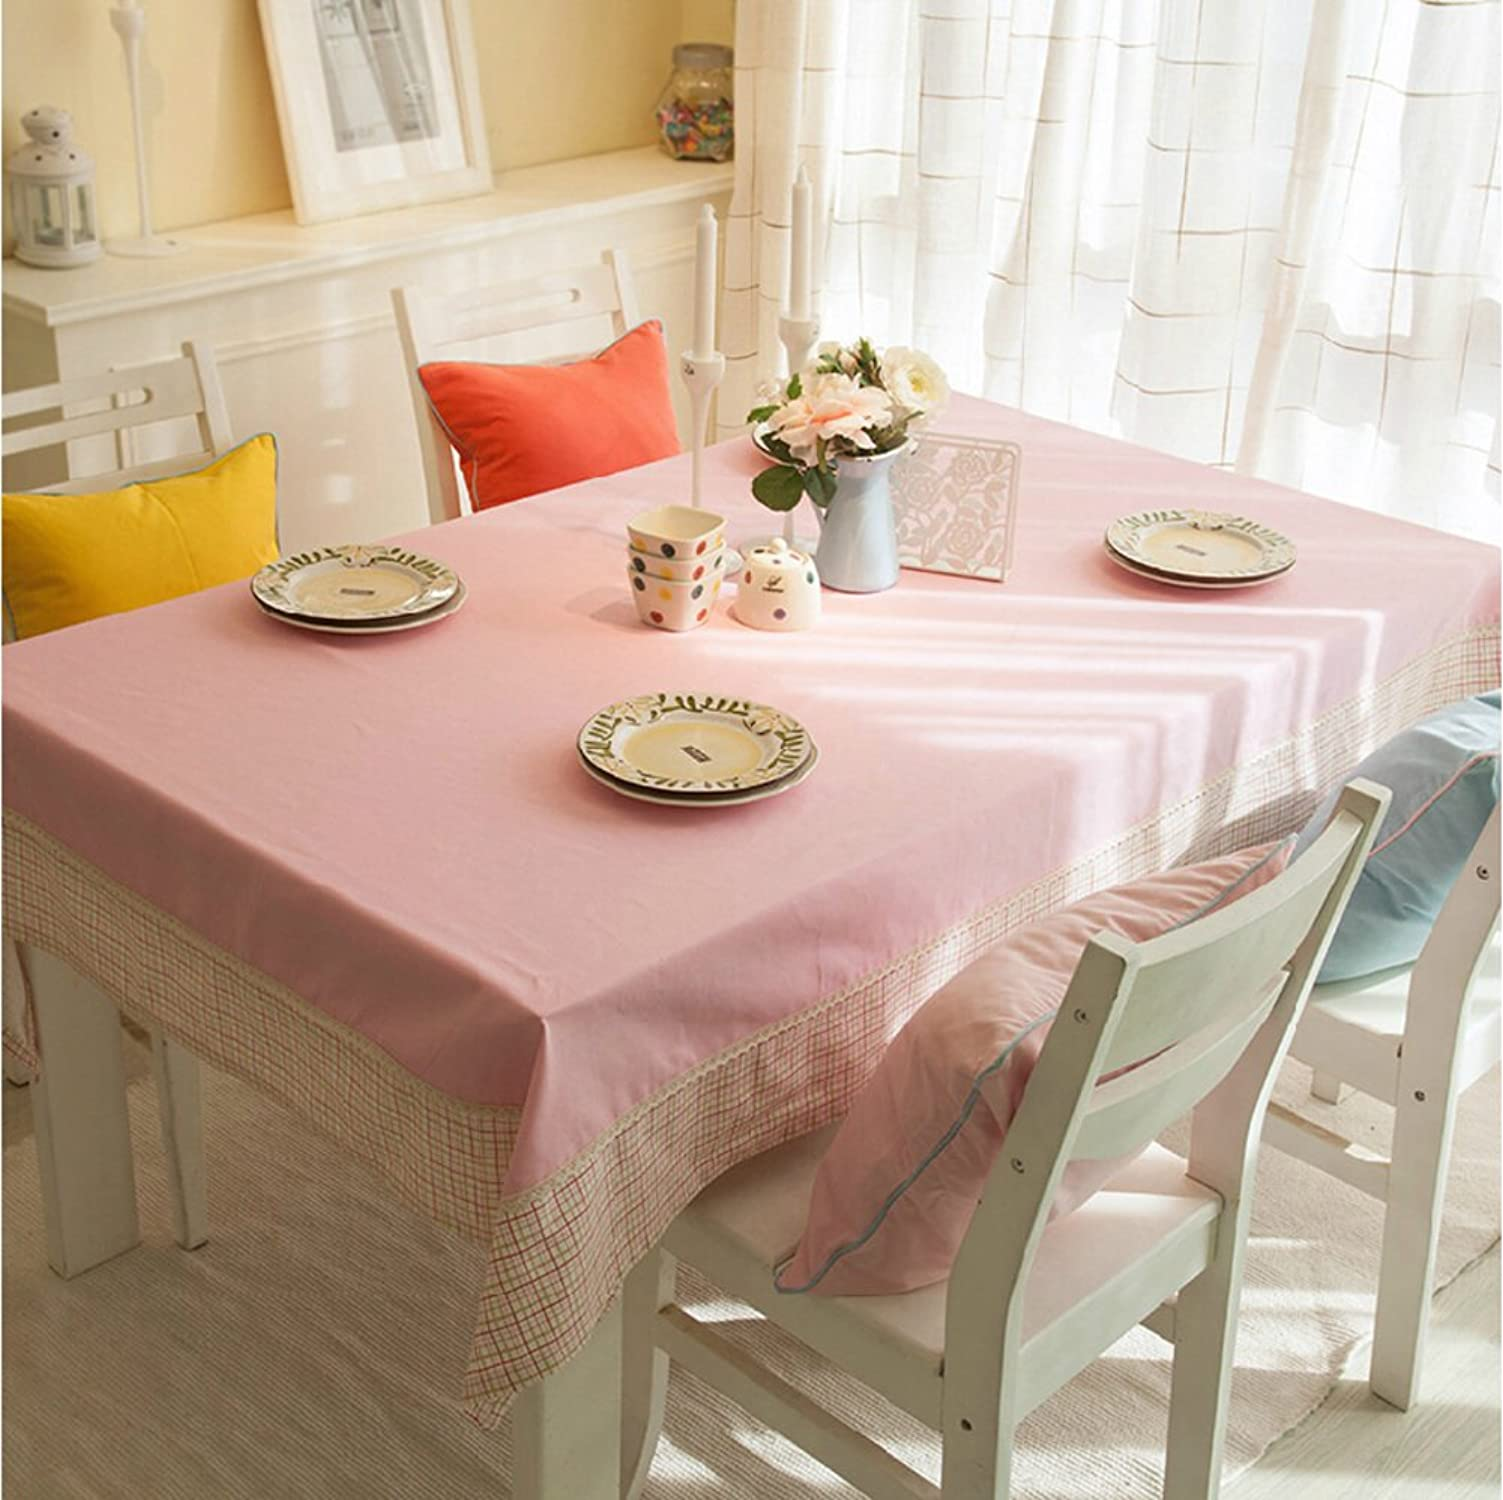 JFFFFWI Nappe de Coton Tissu de Table Rose Nappe -A 180x130cm(71x51inch)